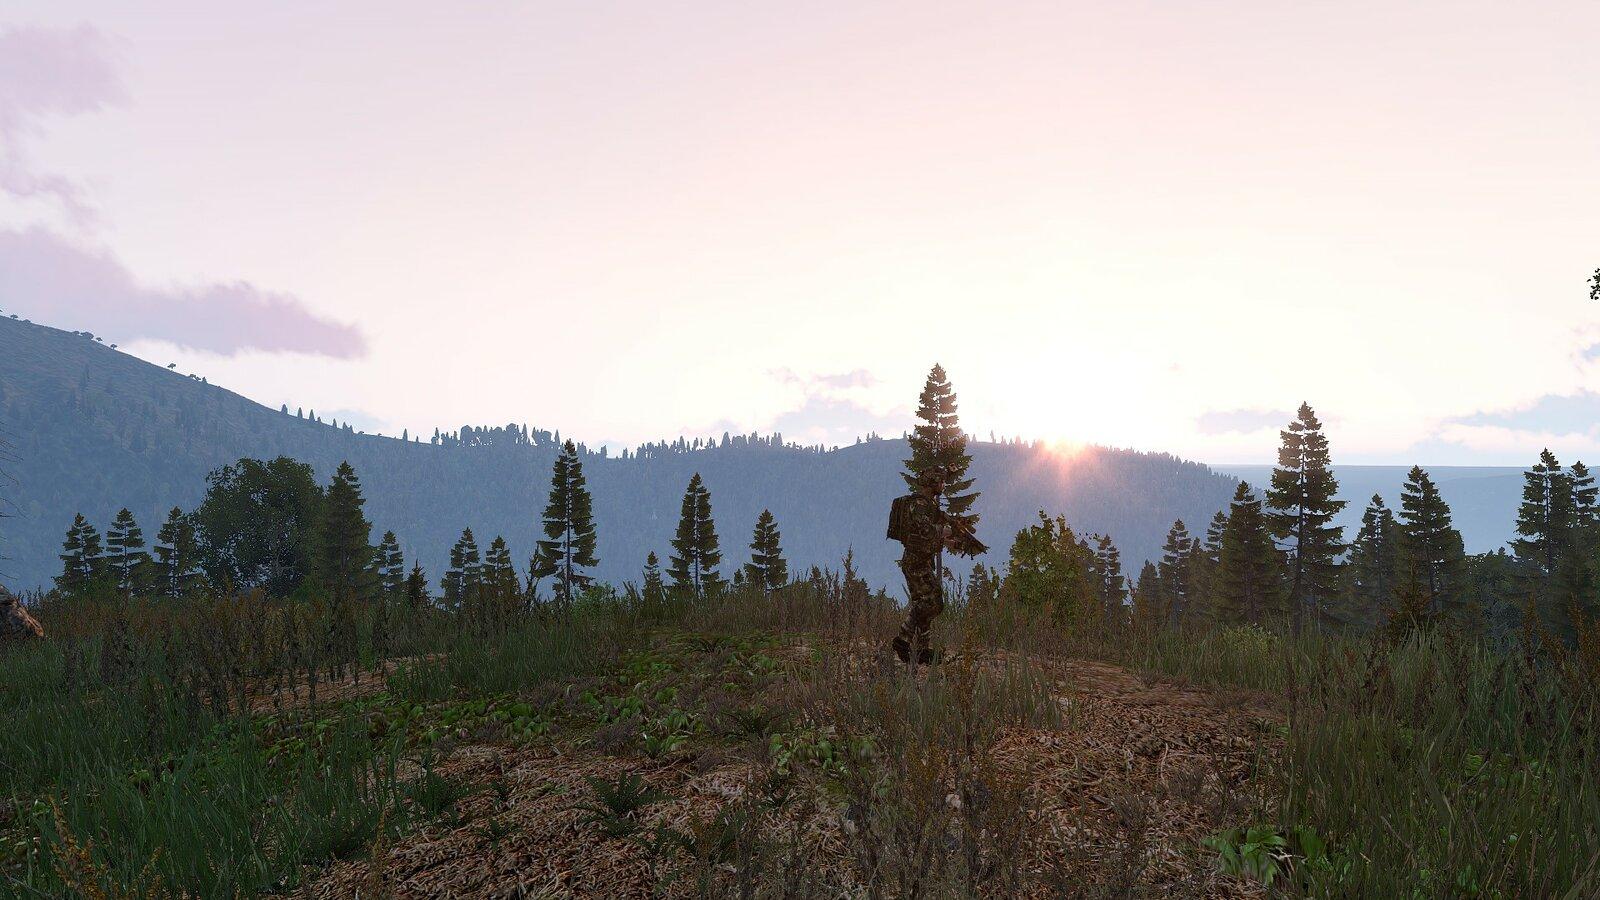 St0cki und der Sonnenaufgang